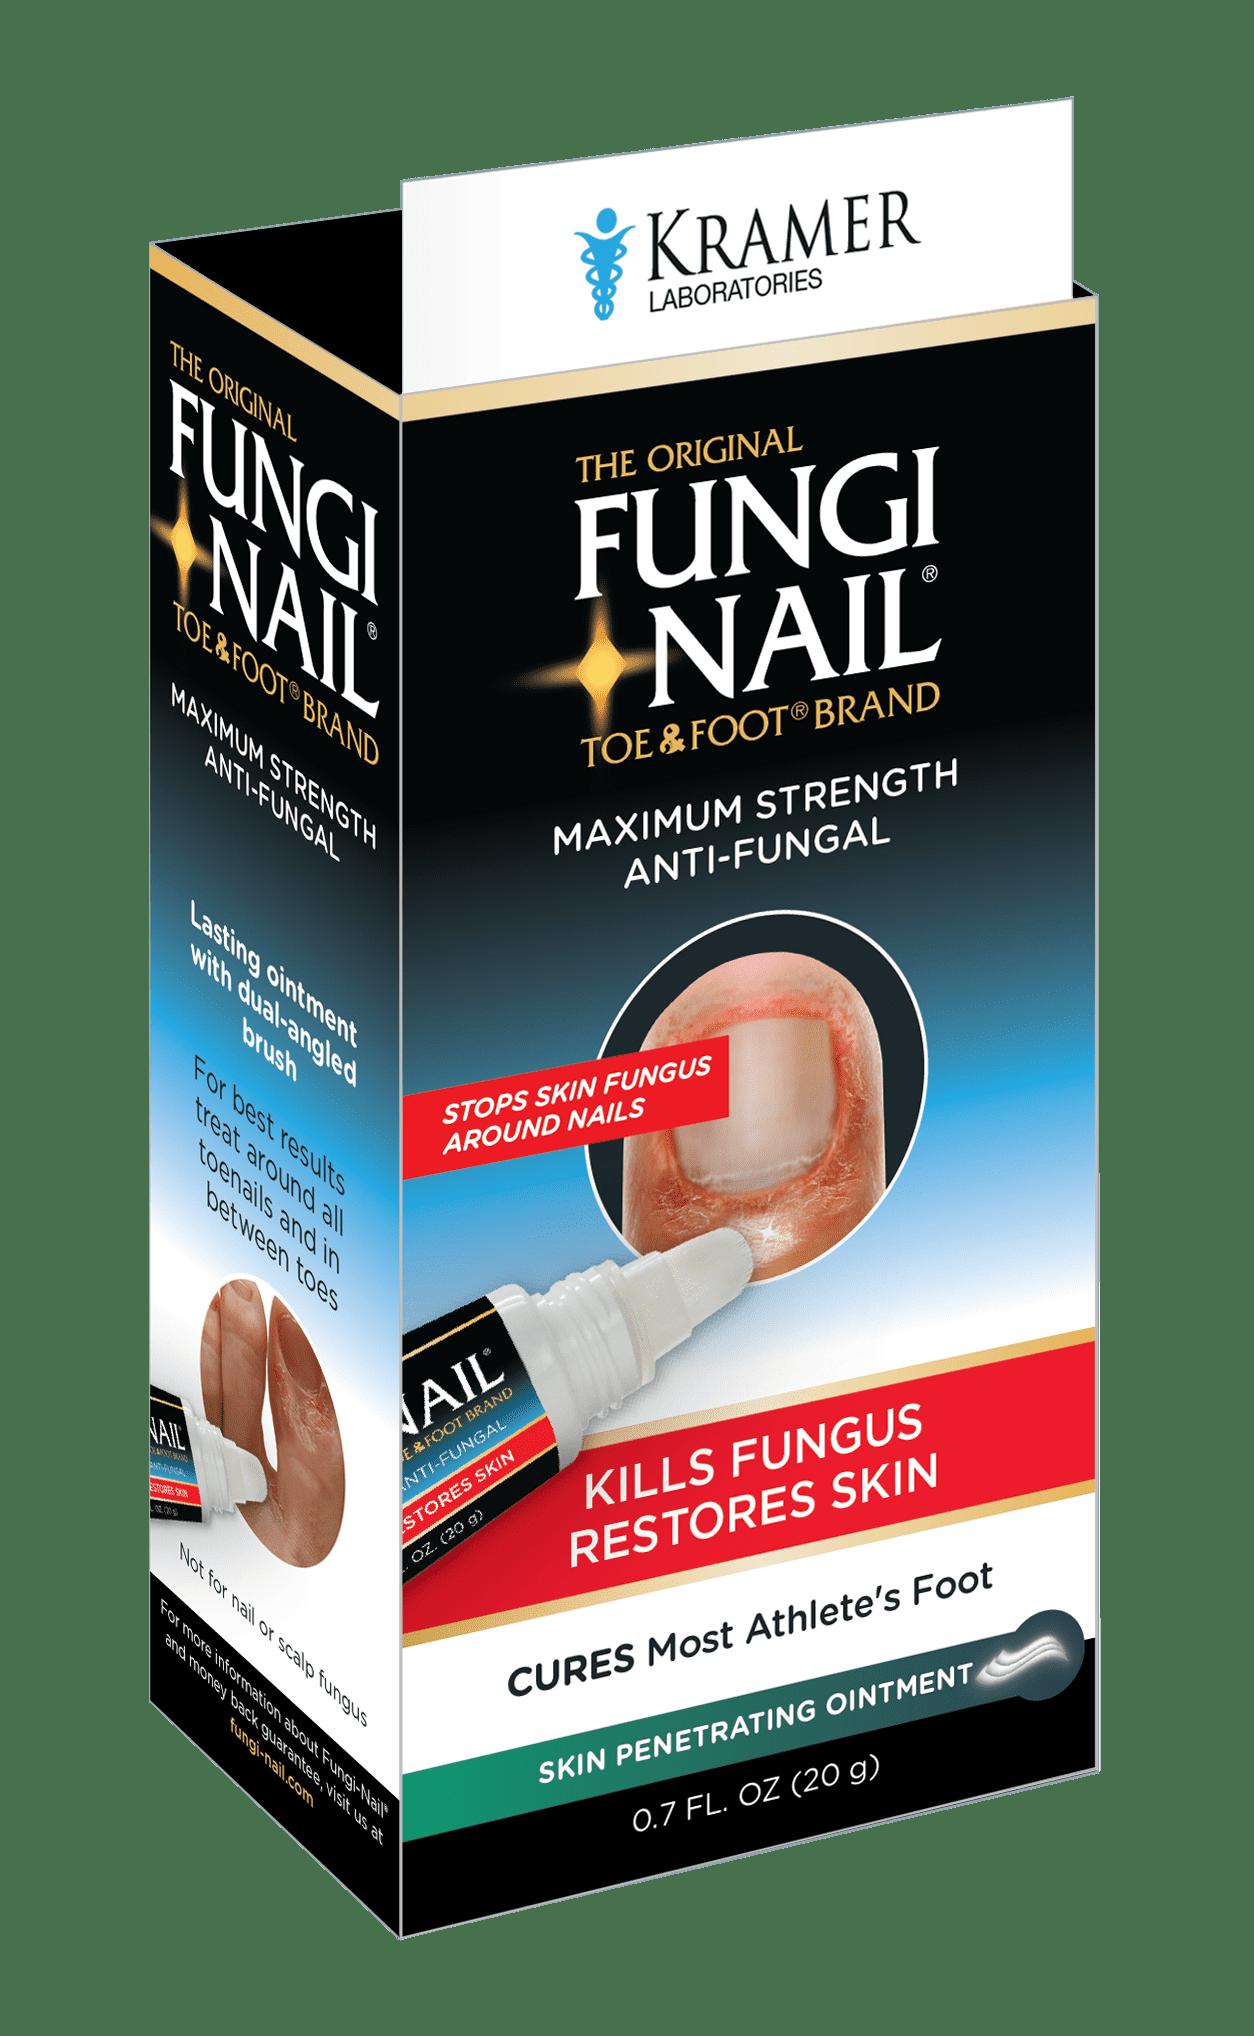 The Original Fungi Nail Toe & Foot Brand Maximum Strength Anti ...